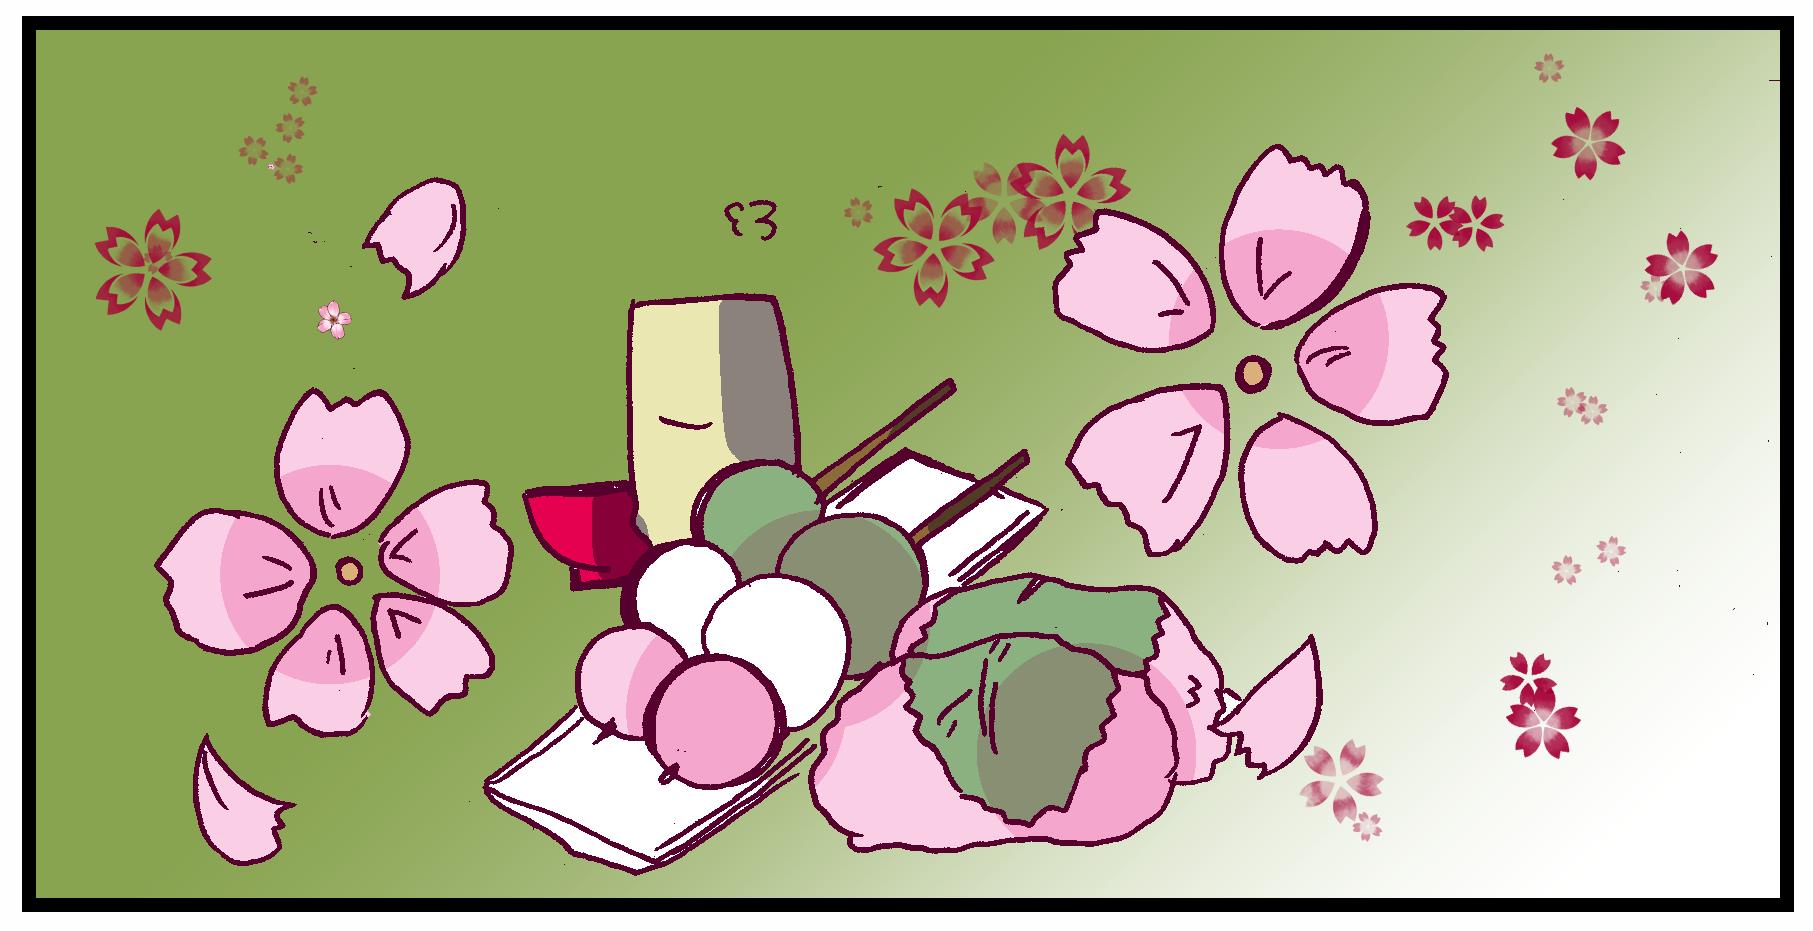 花見の季節がやってくる!!そういえばお花見の由来ってなんだろう?